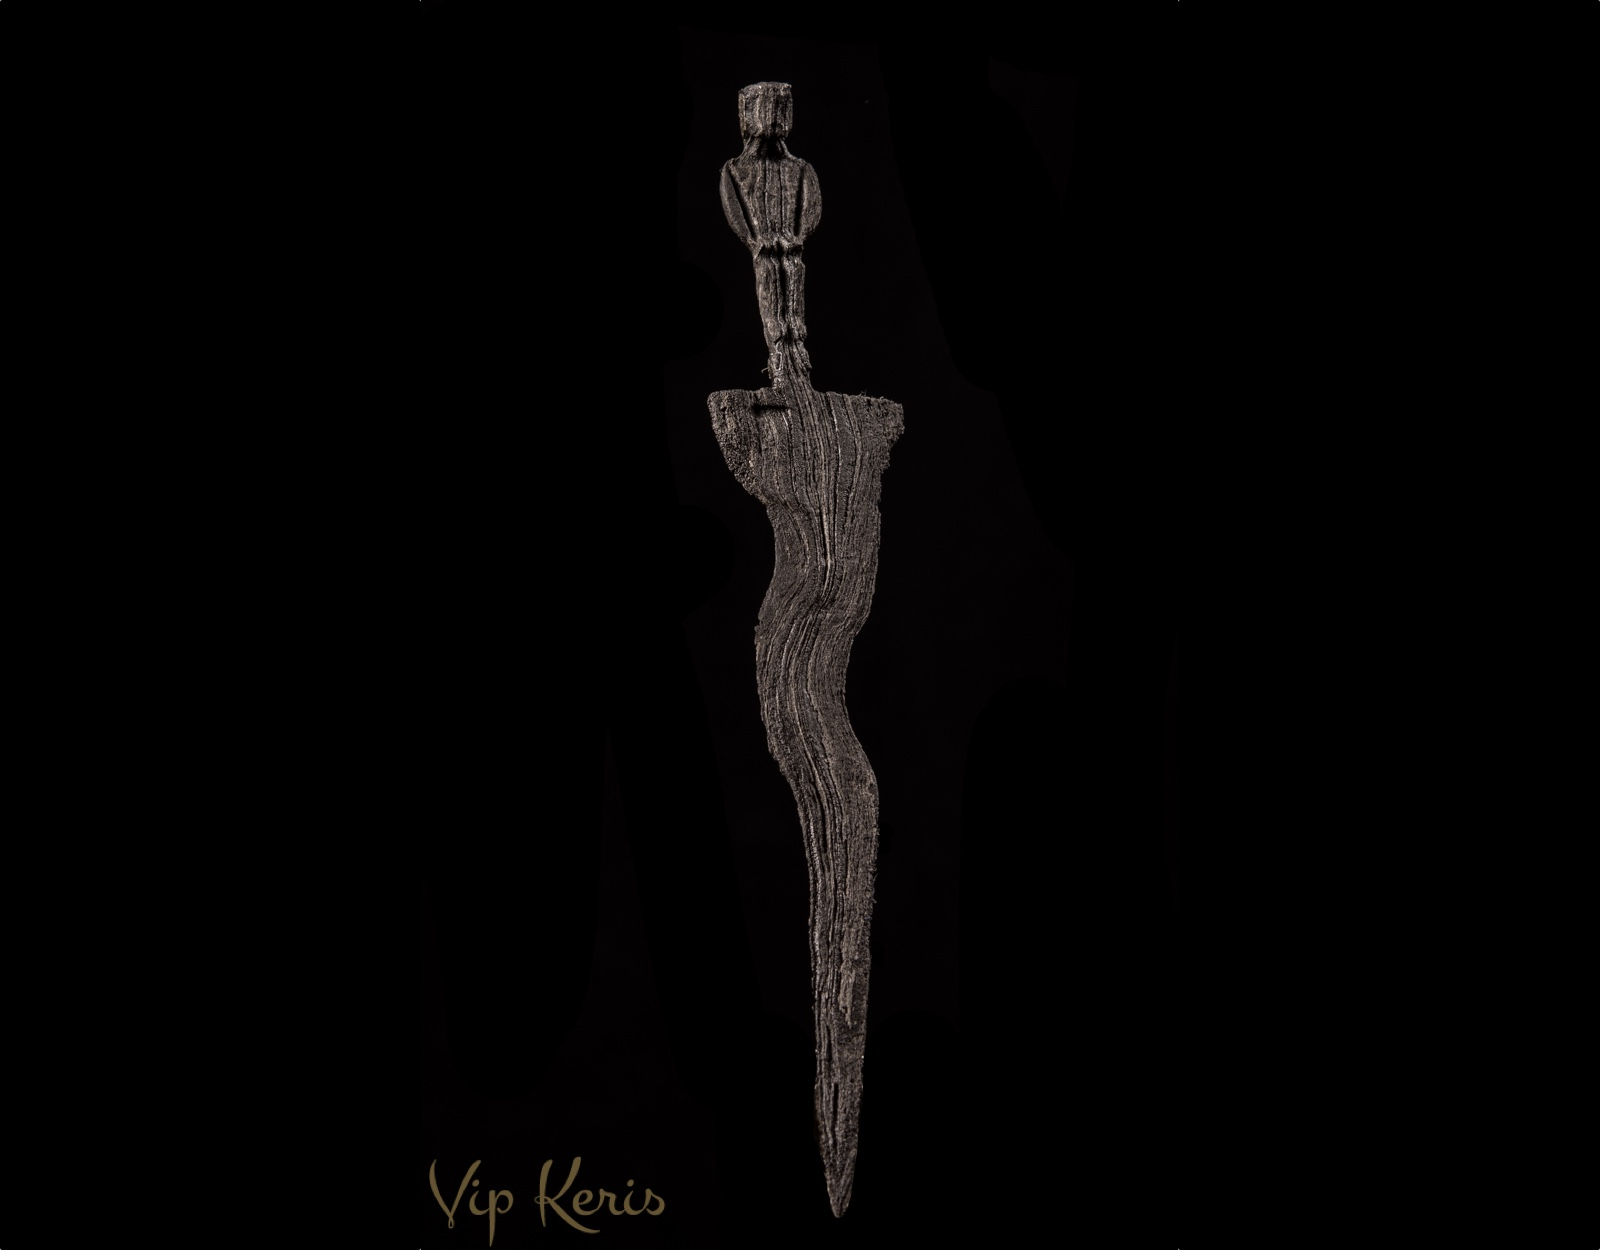 Нож Крис Sajen с тремя изгибами. фото VipKeris